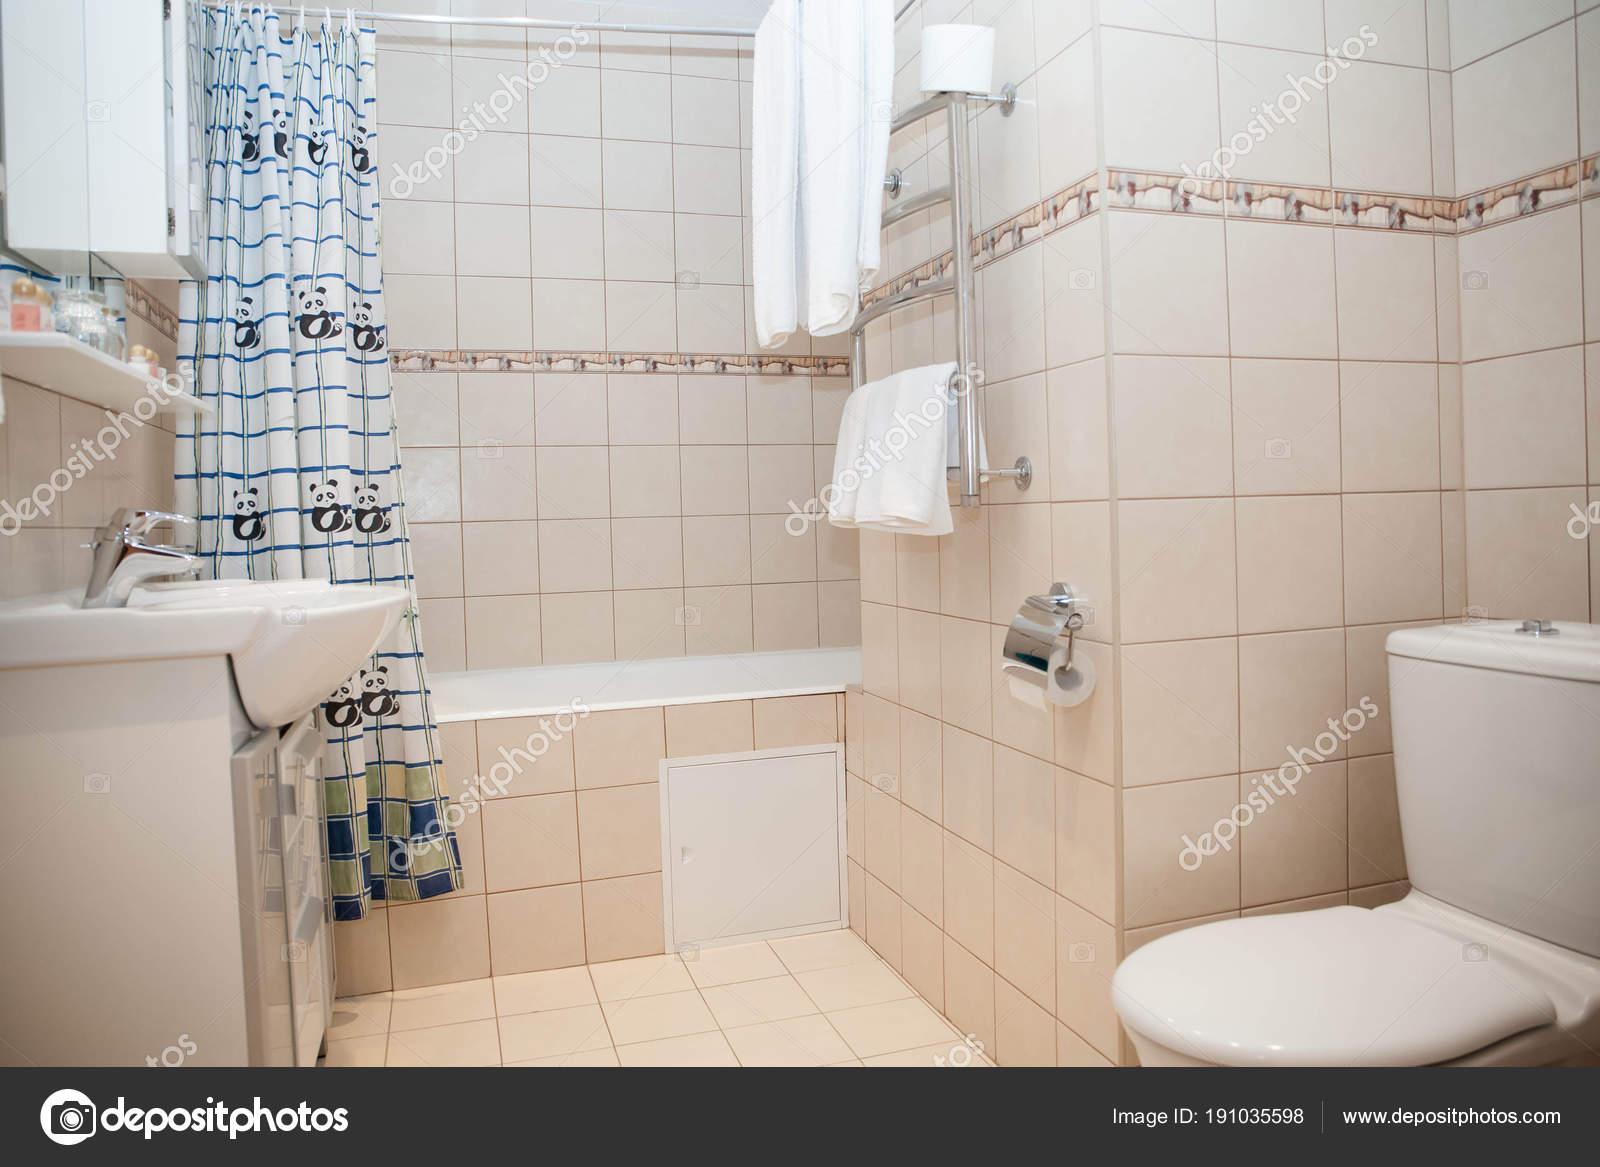 Accessoires Voor Badkamer : Badkamer douchecabine toilet een badkamer sanitair zinken